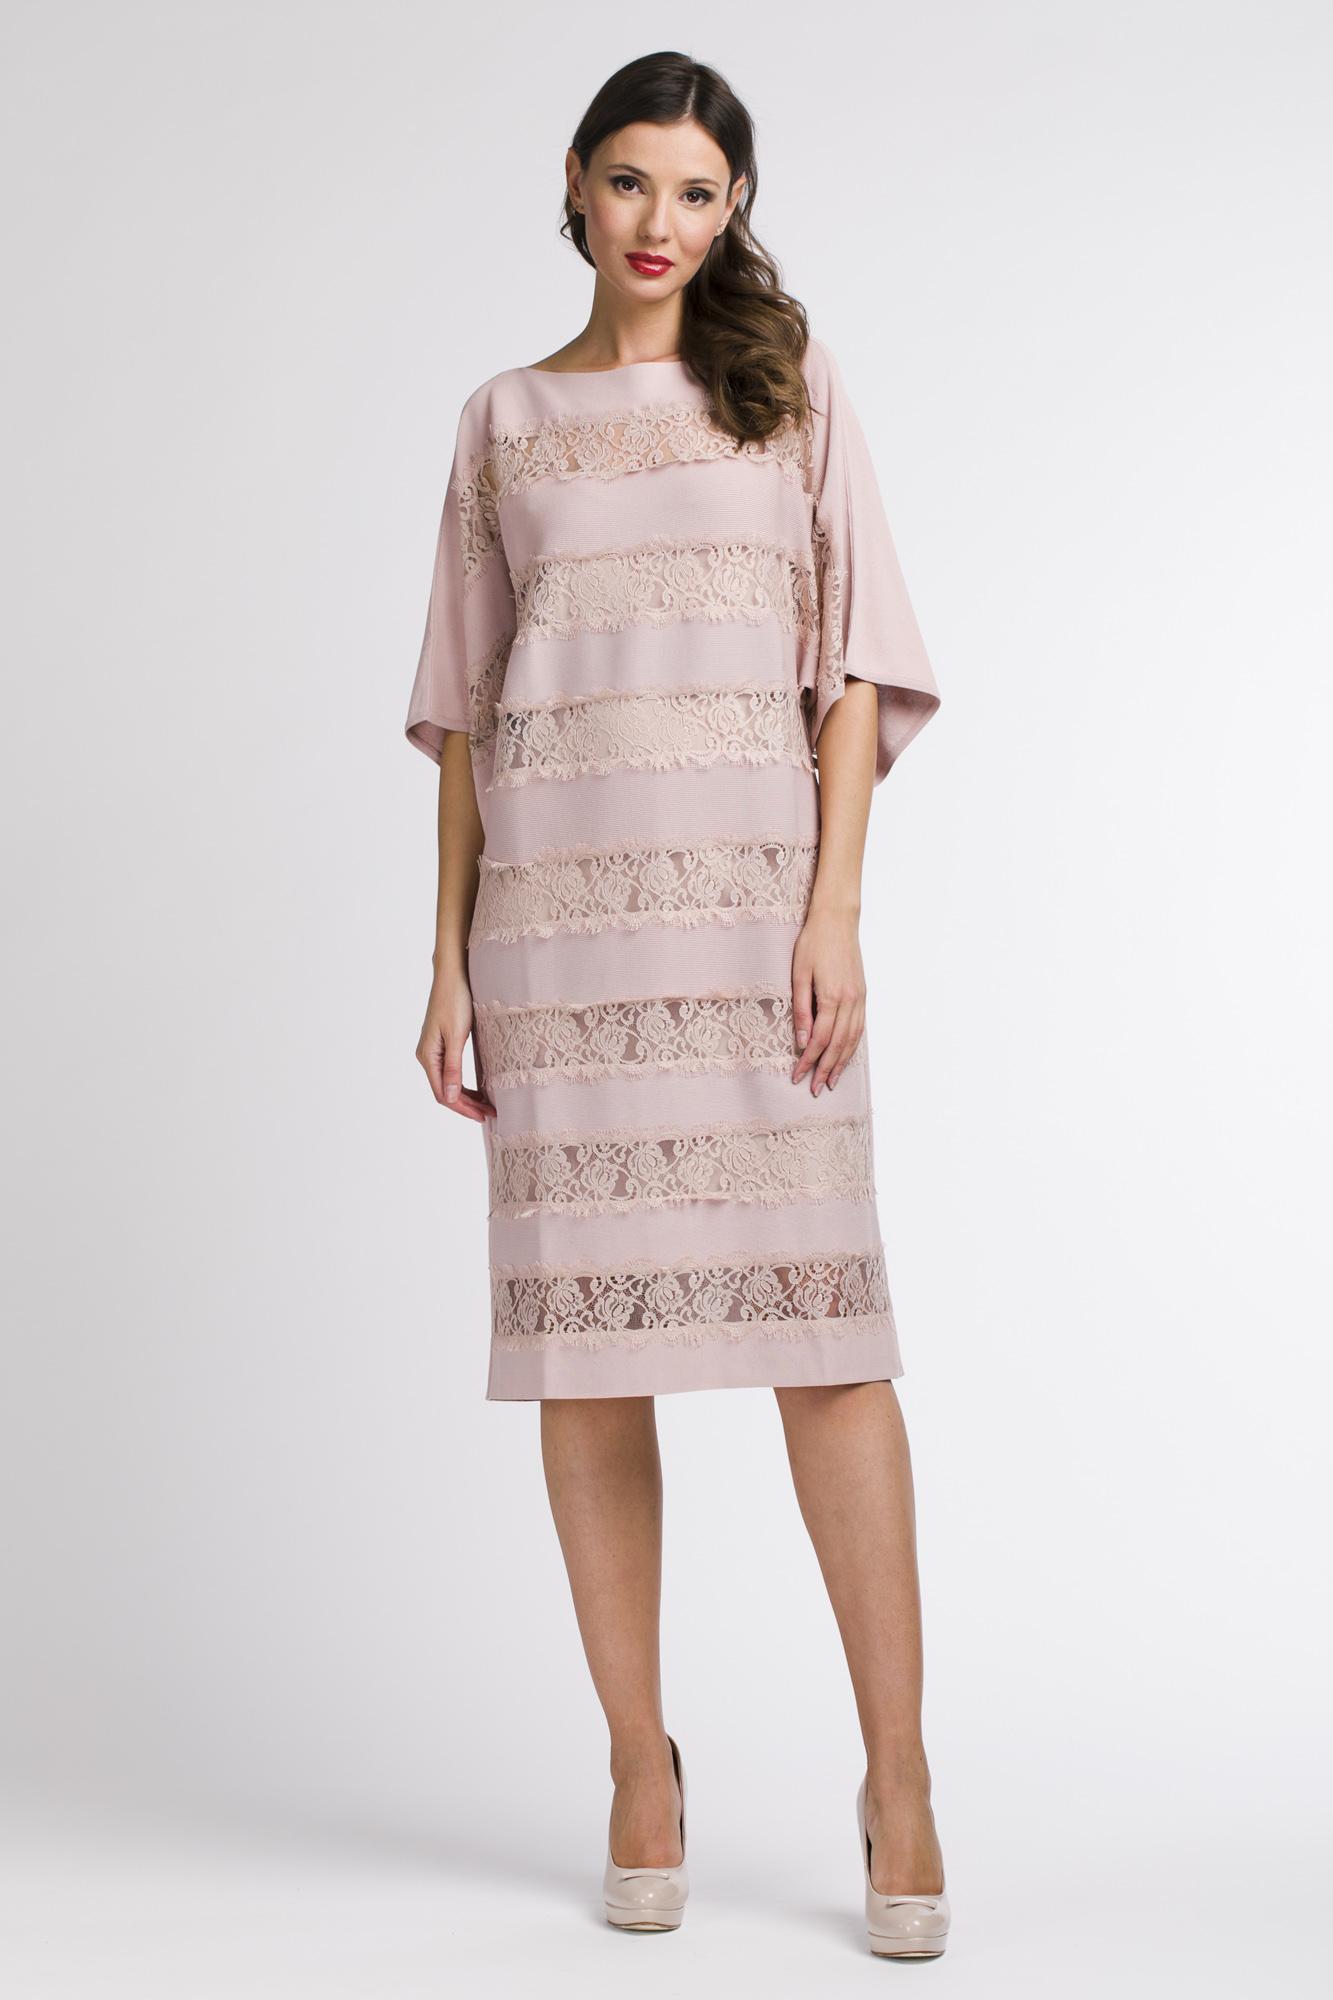 Платье женское Blumarine 1046 BLUMARINE SS18 розовое 40 IT фото